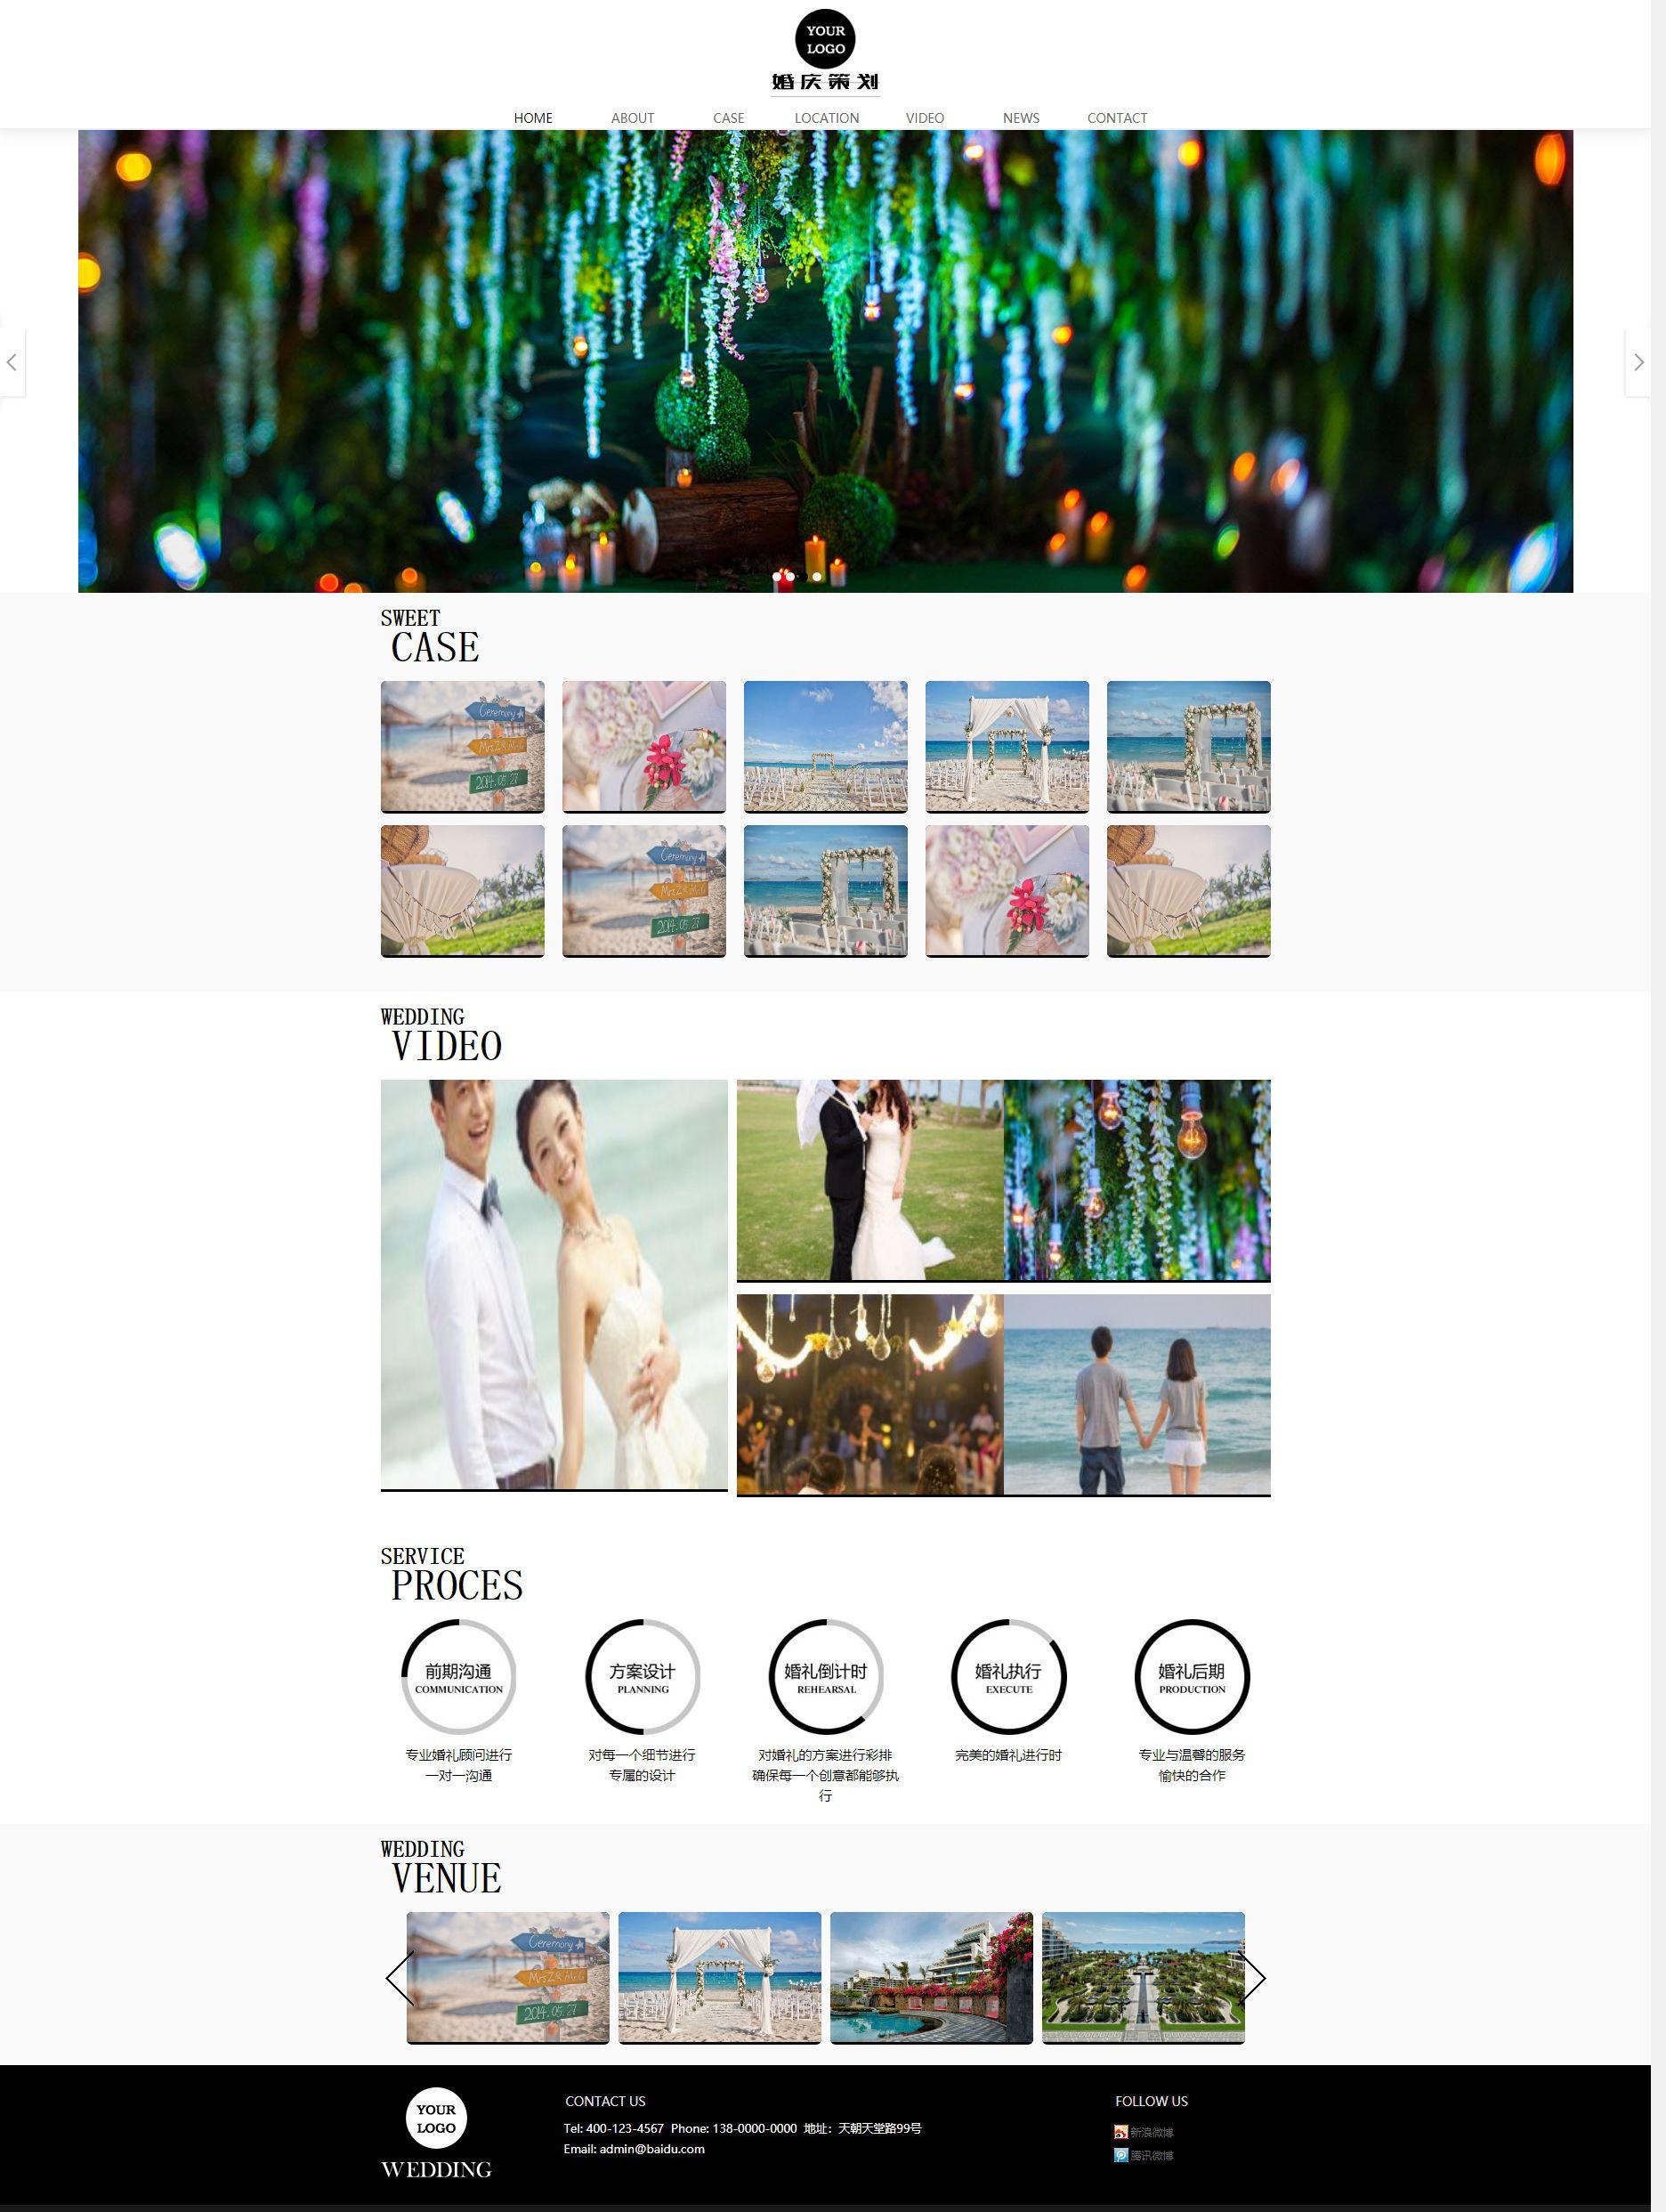 婚庆婚礼策划婚纱摄影类网站织梦dedecms模板(带手机端)